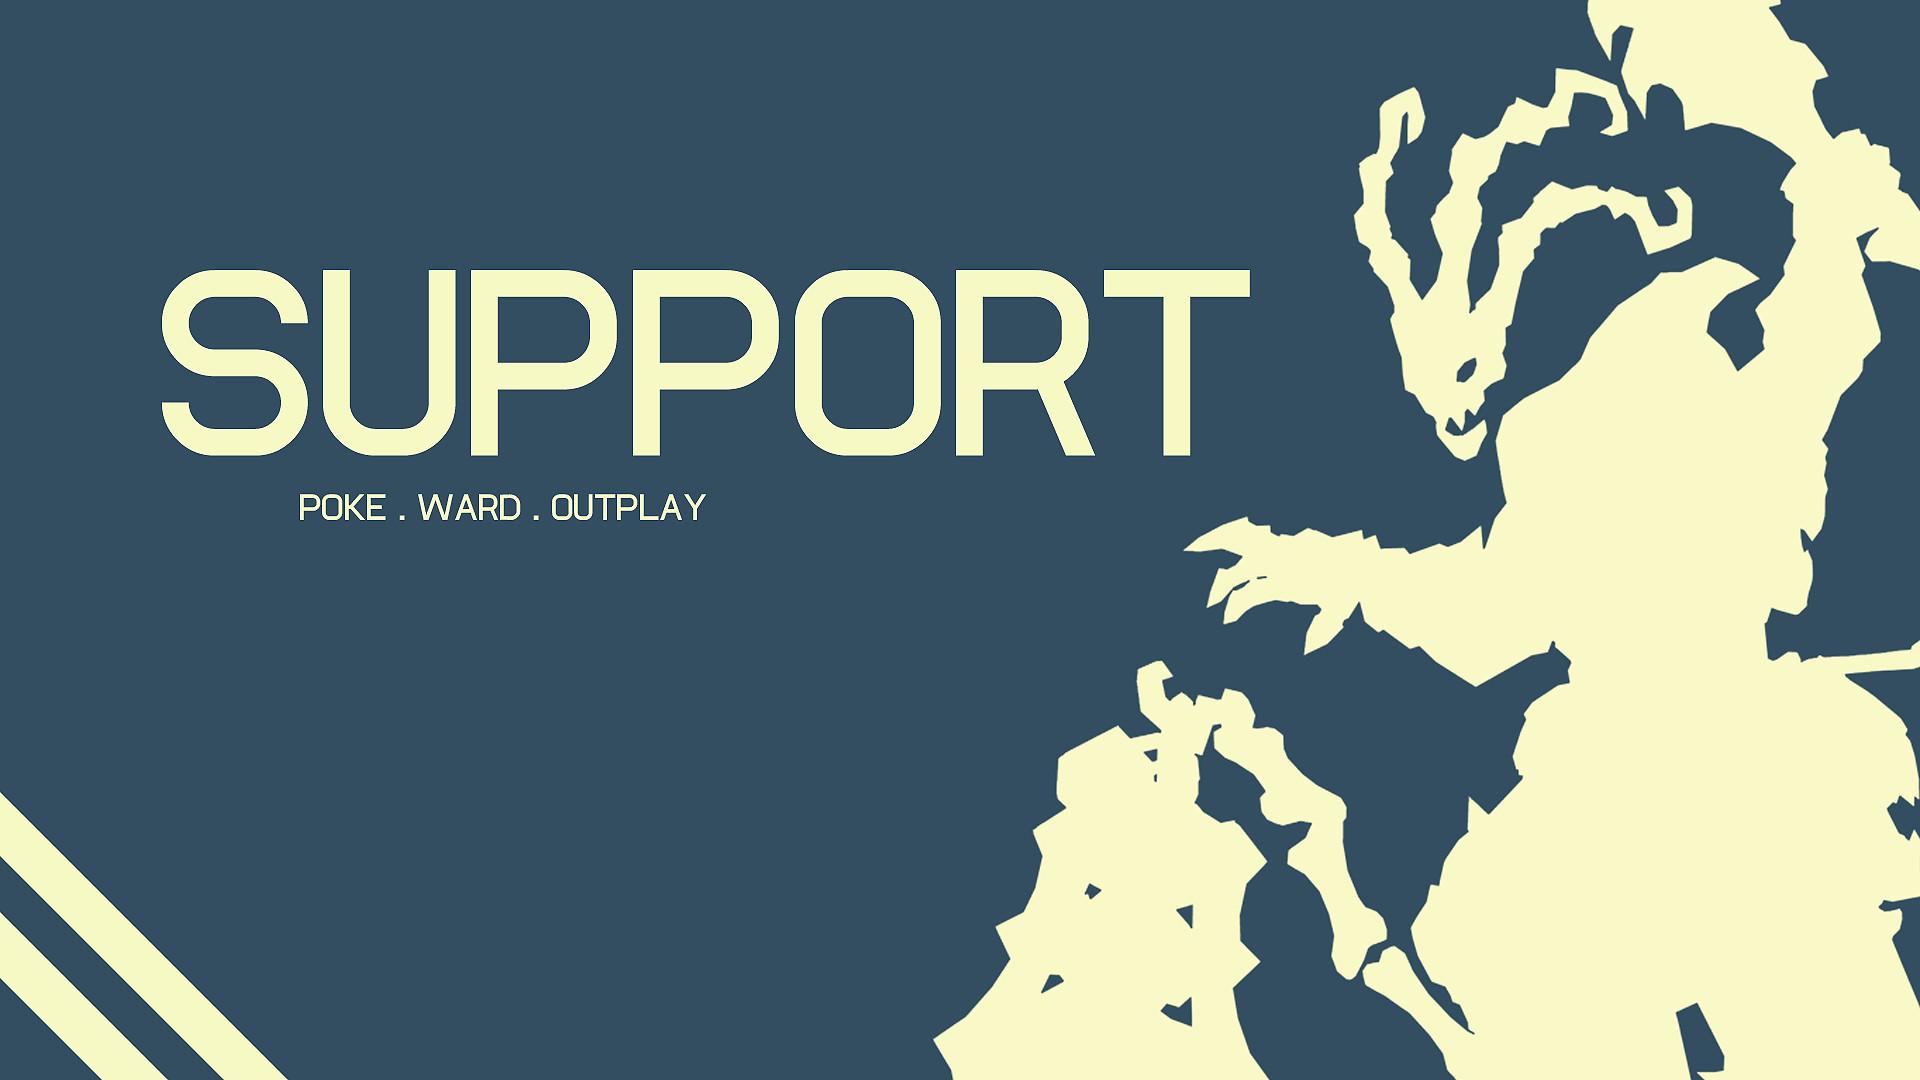 Fonds d'écran Support : tous les wallpapers Support